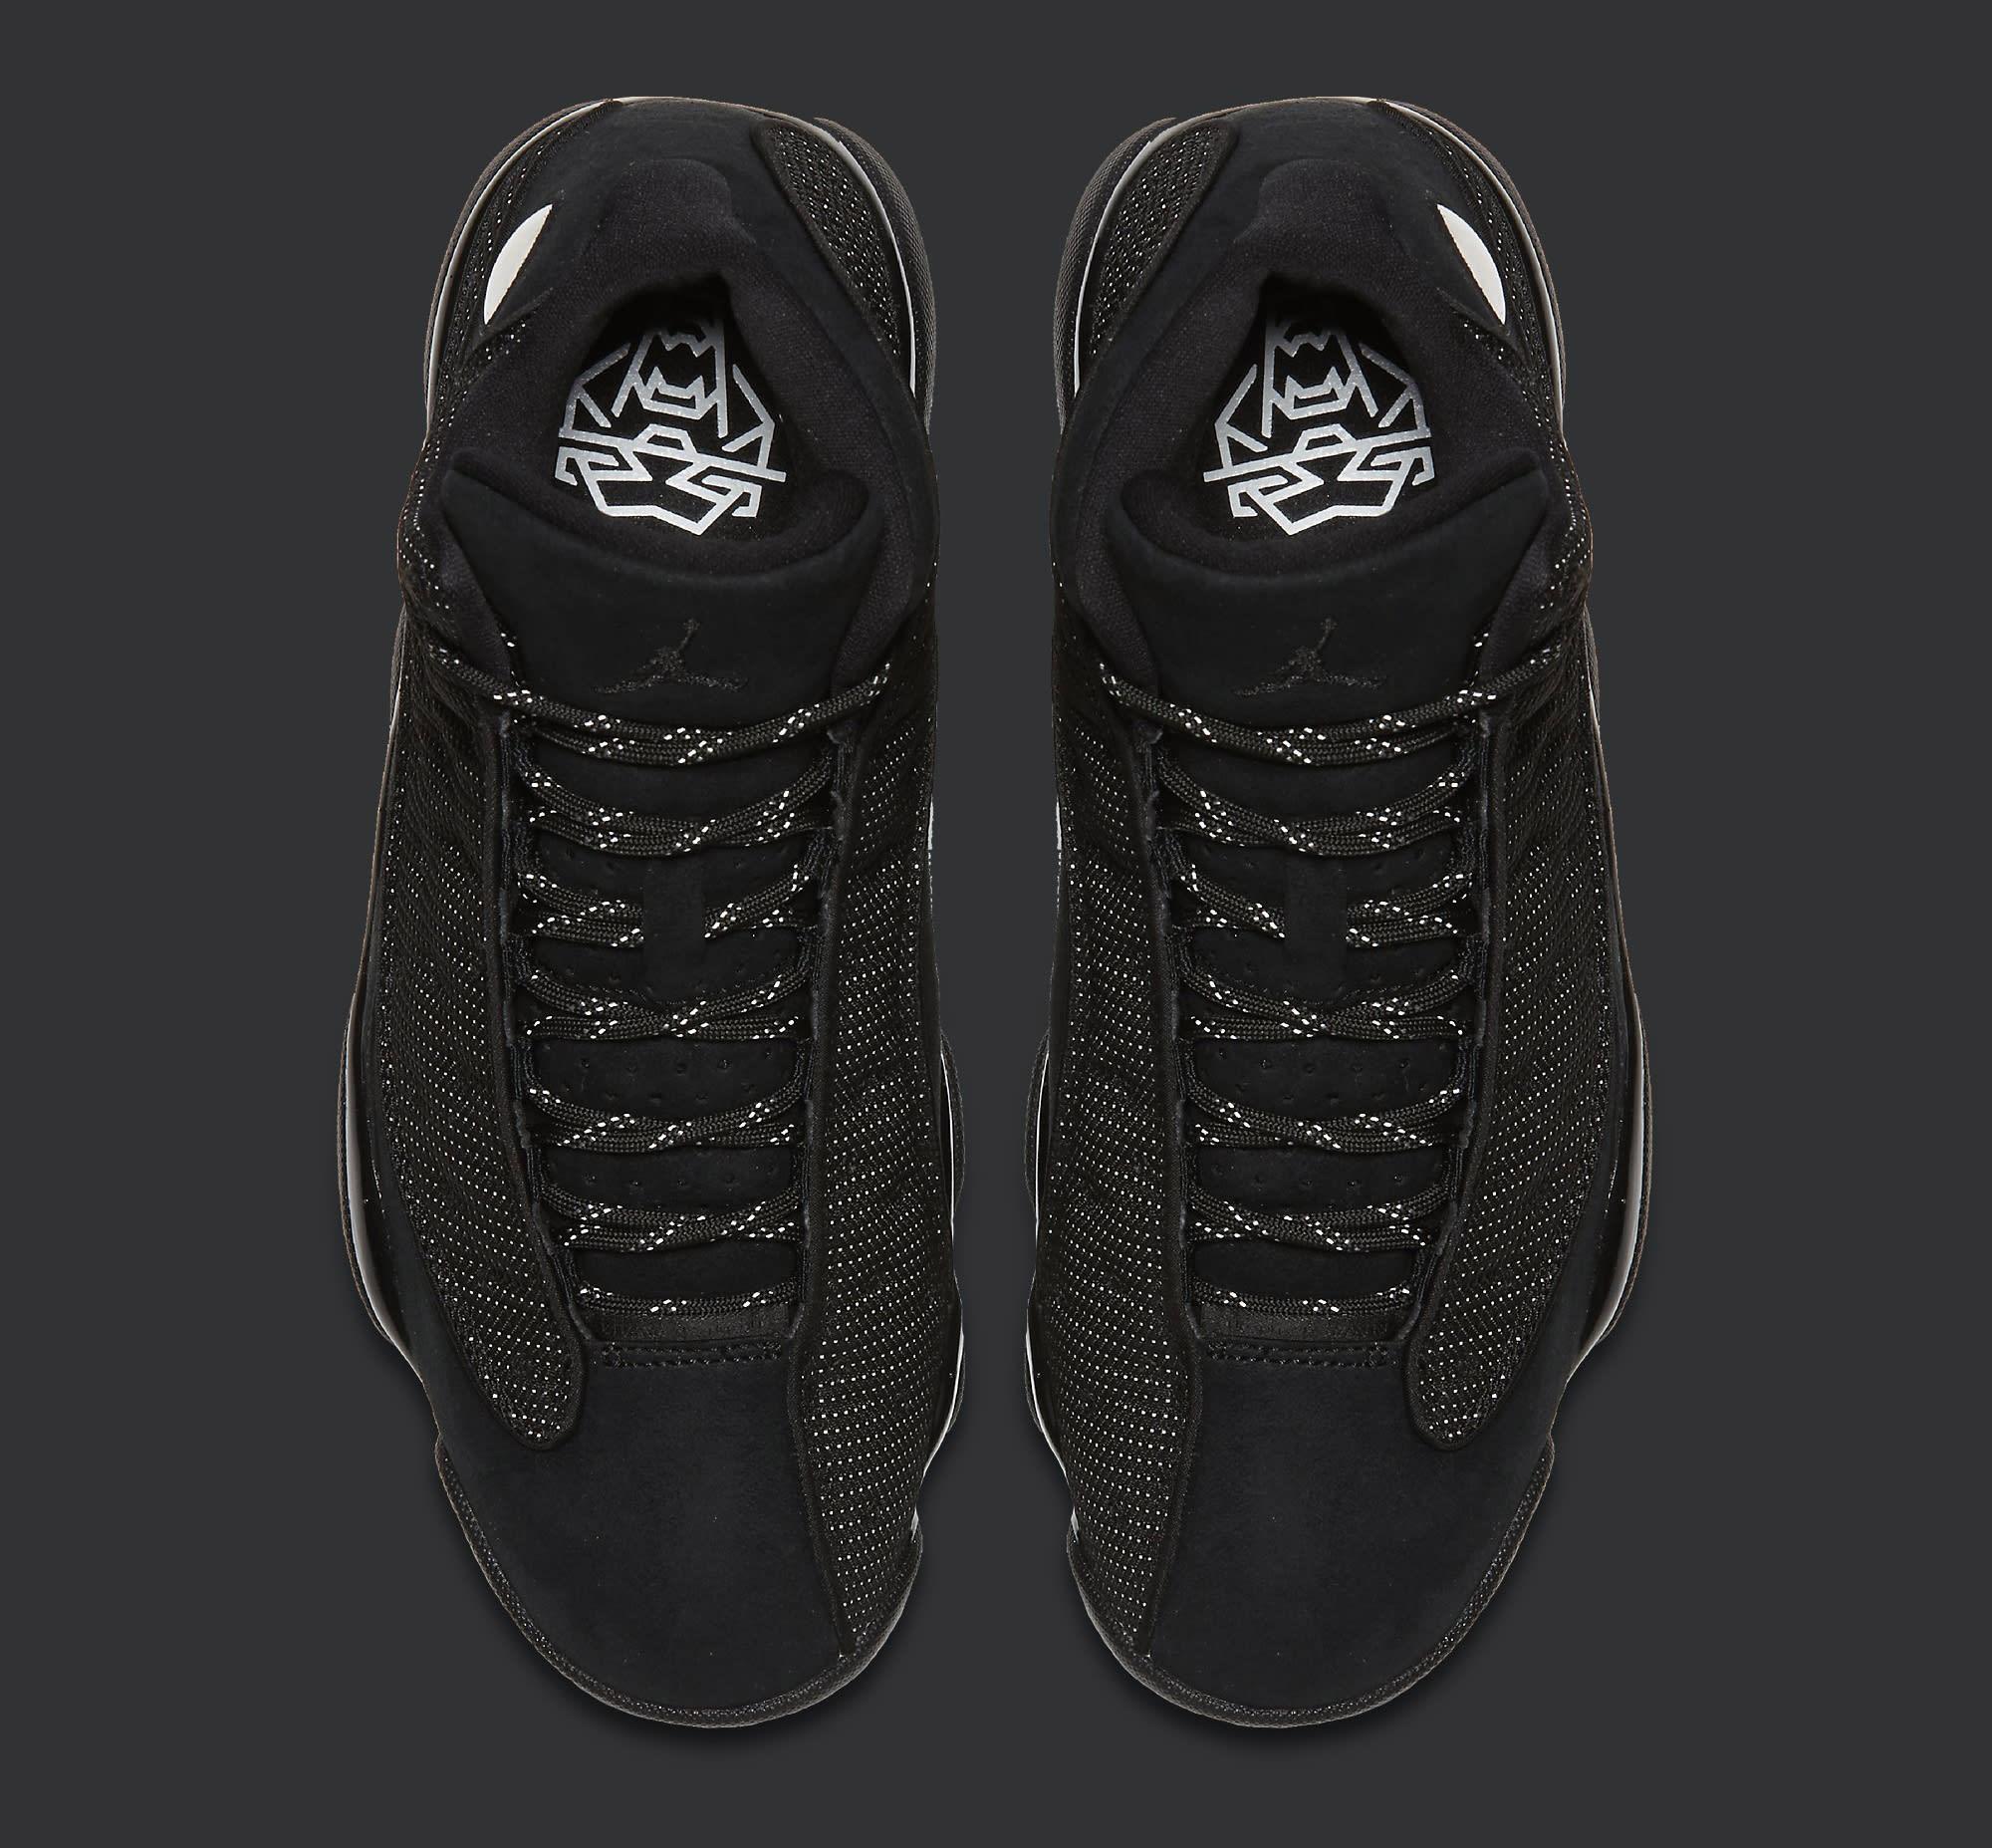 Black Cat Air Jordan 13 414571-011 Top